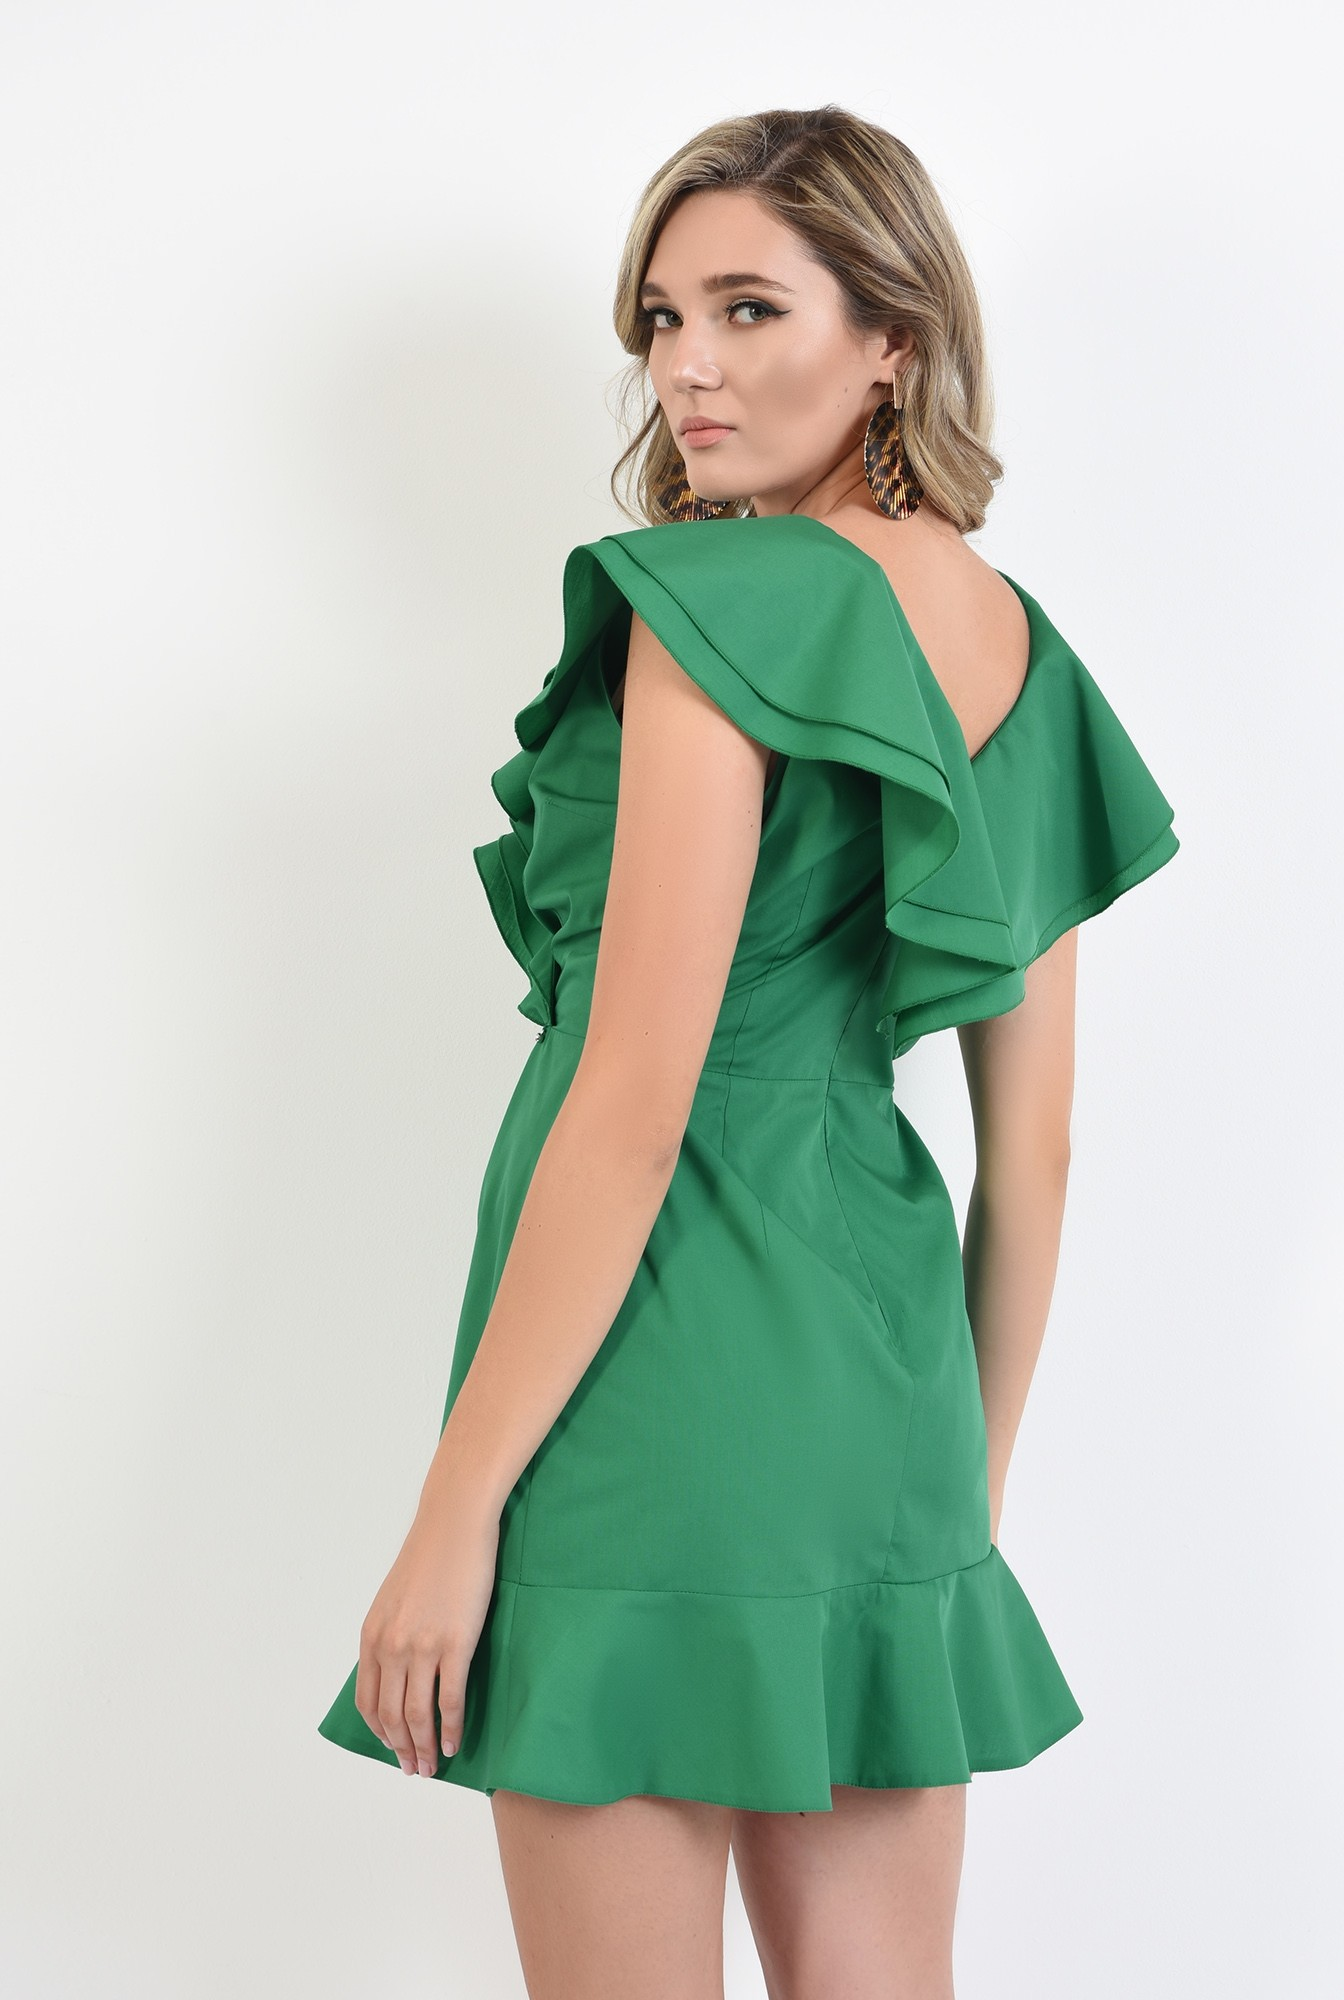 1 - 360 - rochie verde, din bumbac, cu volane, Poema